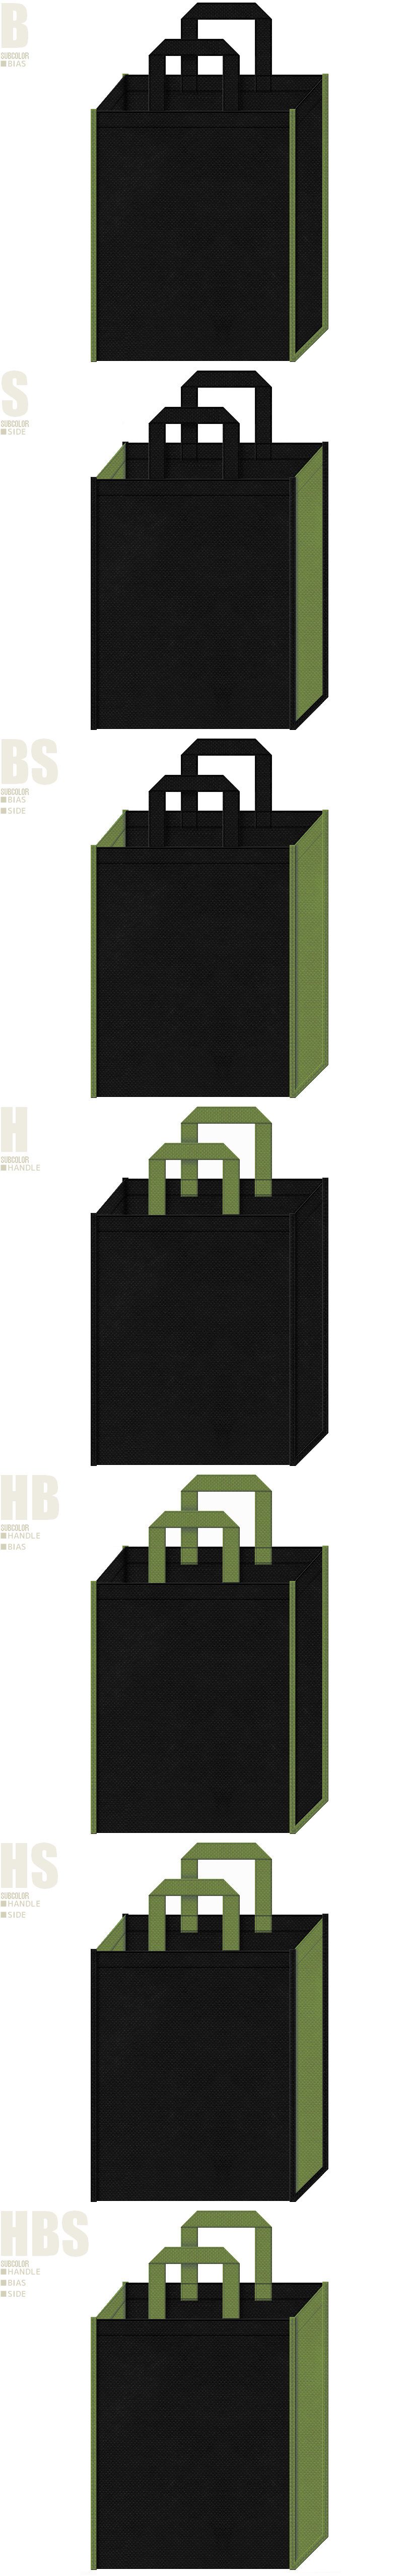 屋根瓦・武道・剣道・弓道・書道・和風催事・お城イベント・ゲームの展示会用バッグにお奨めの不織布バッグデザイン:黒色と草色の配色7パターン